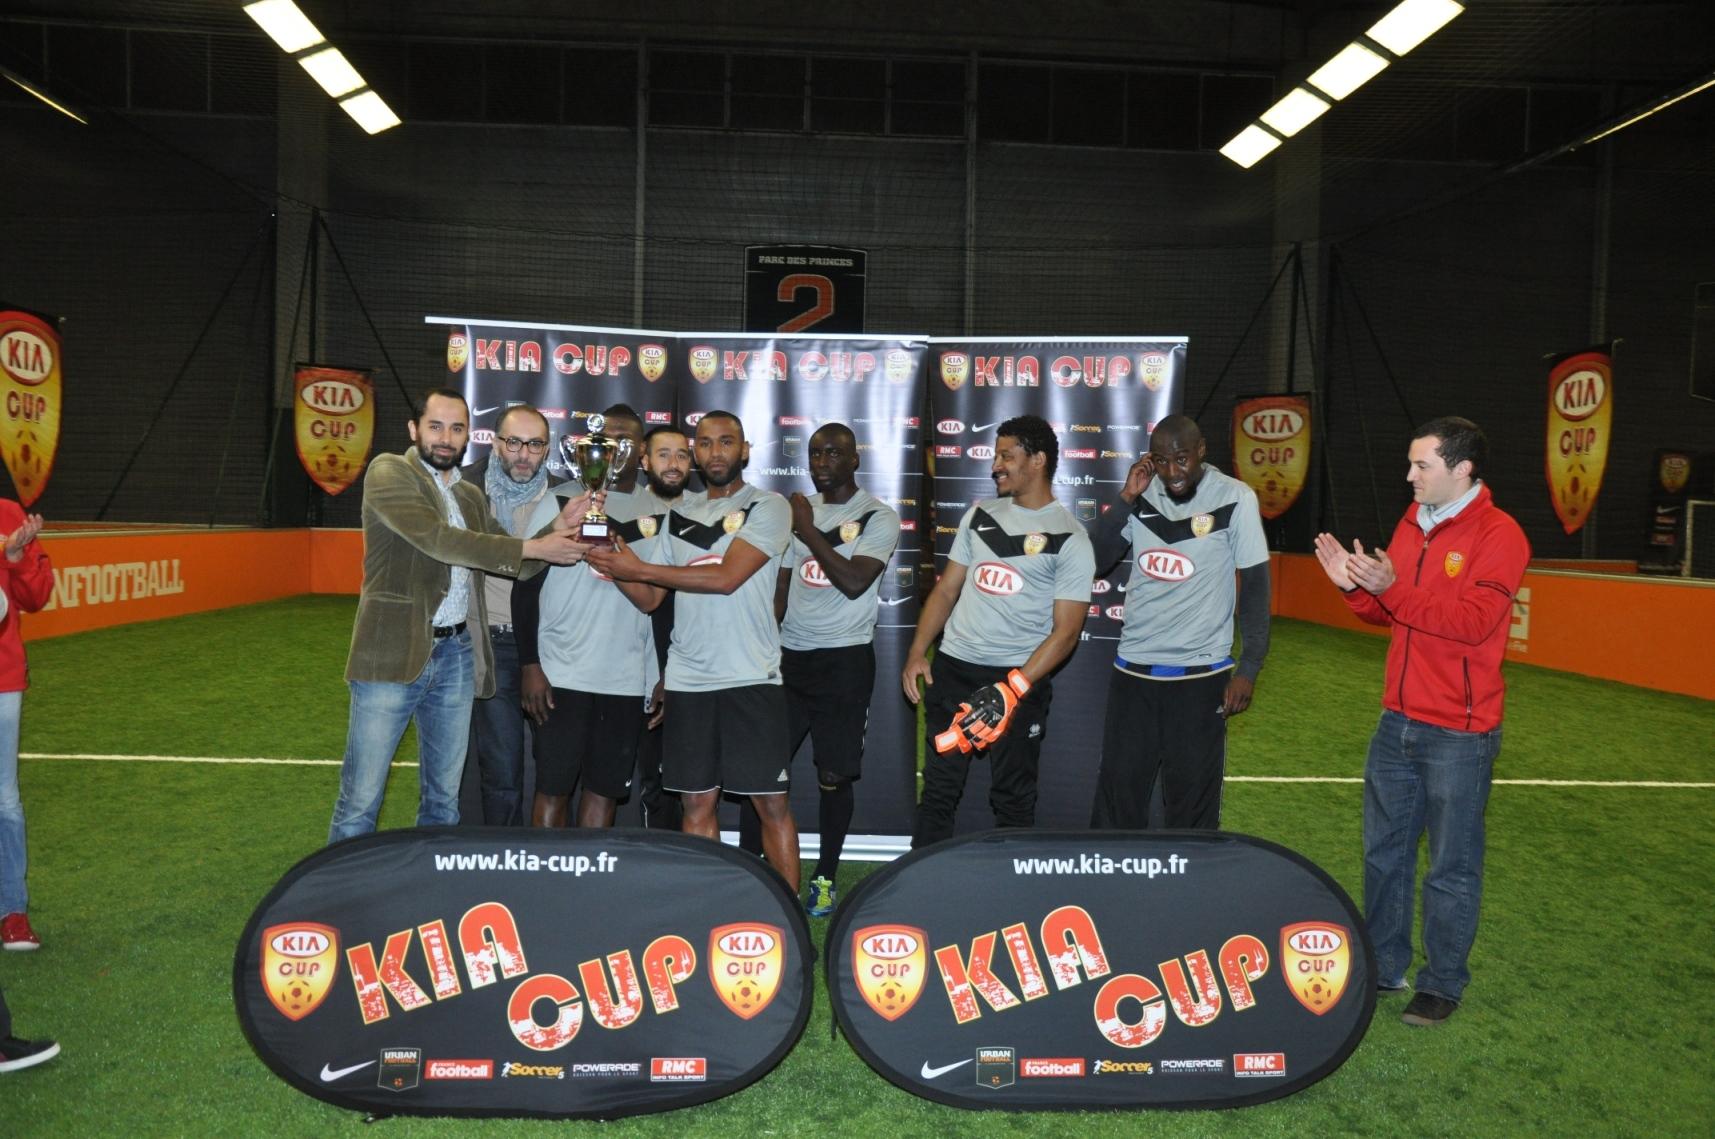 KIA CUP 2012 : L'équipe «Galactik», vainqueur à Paris